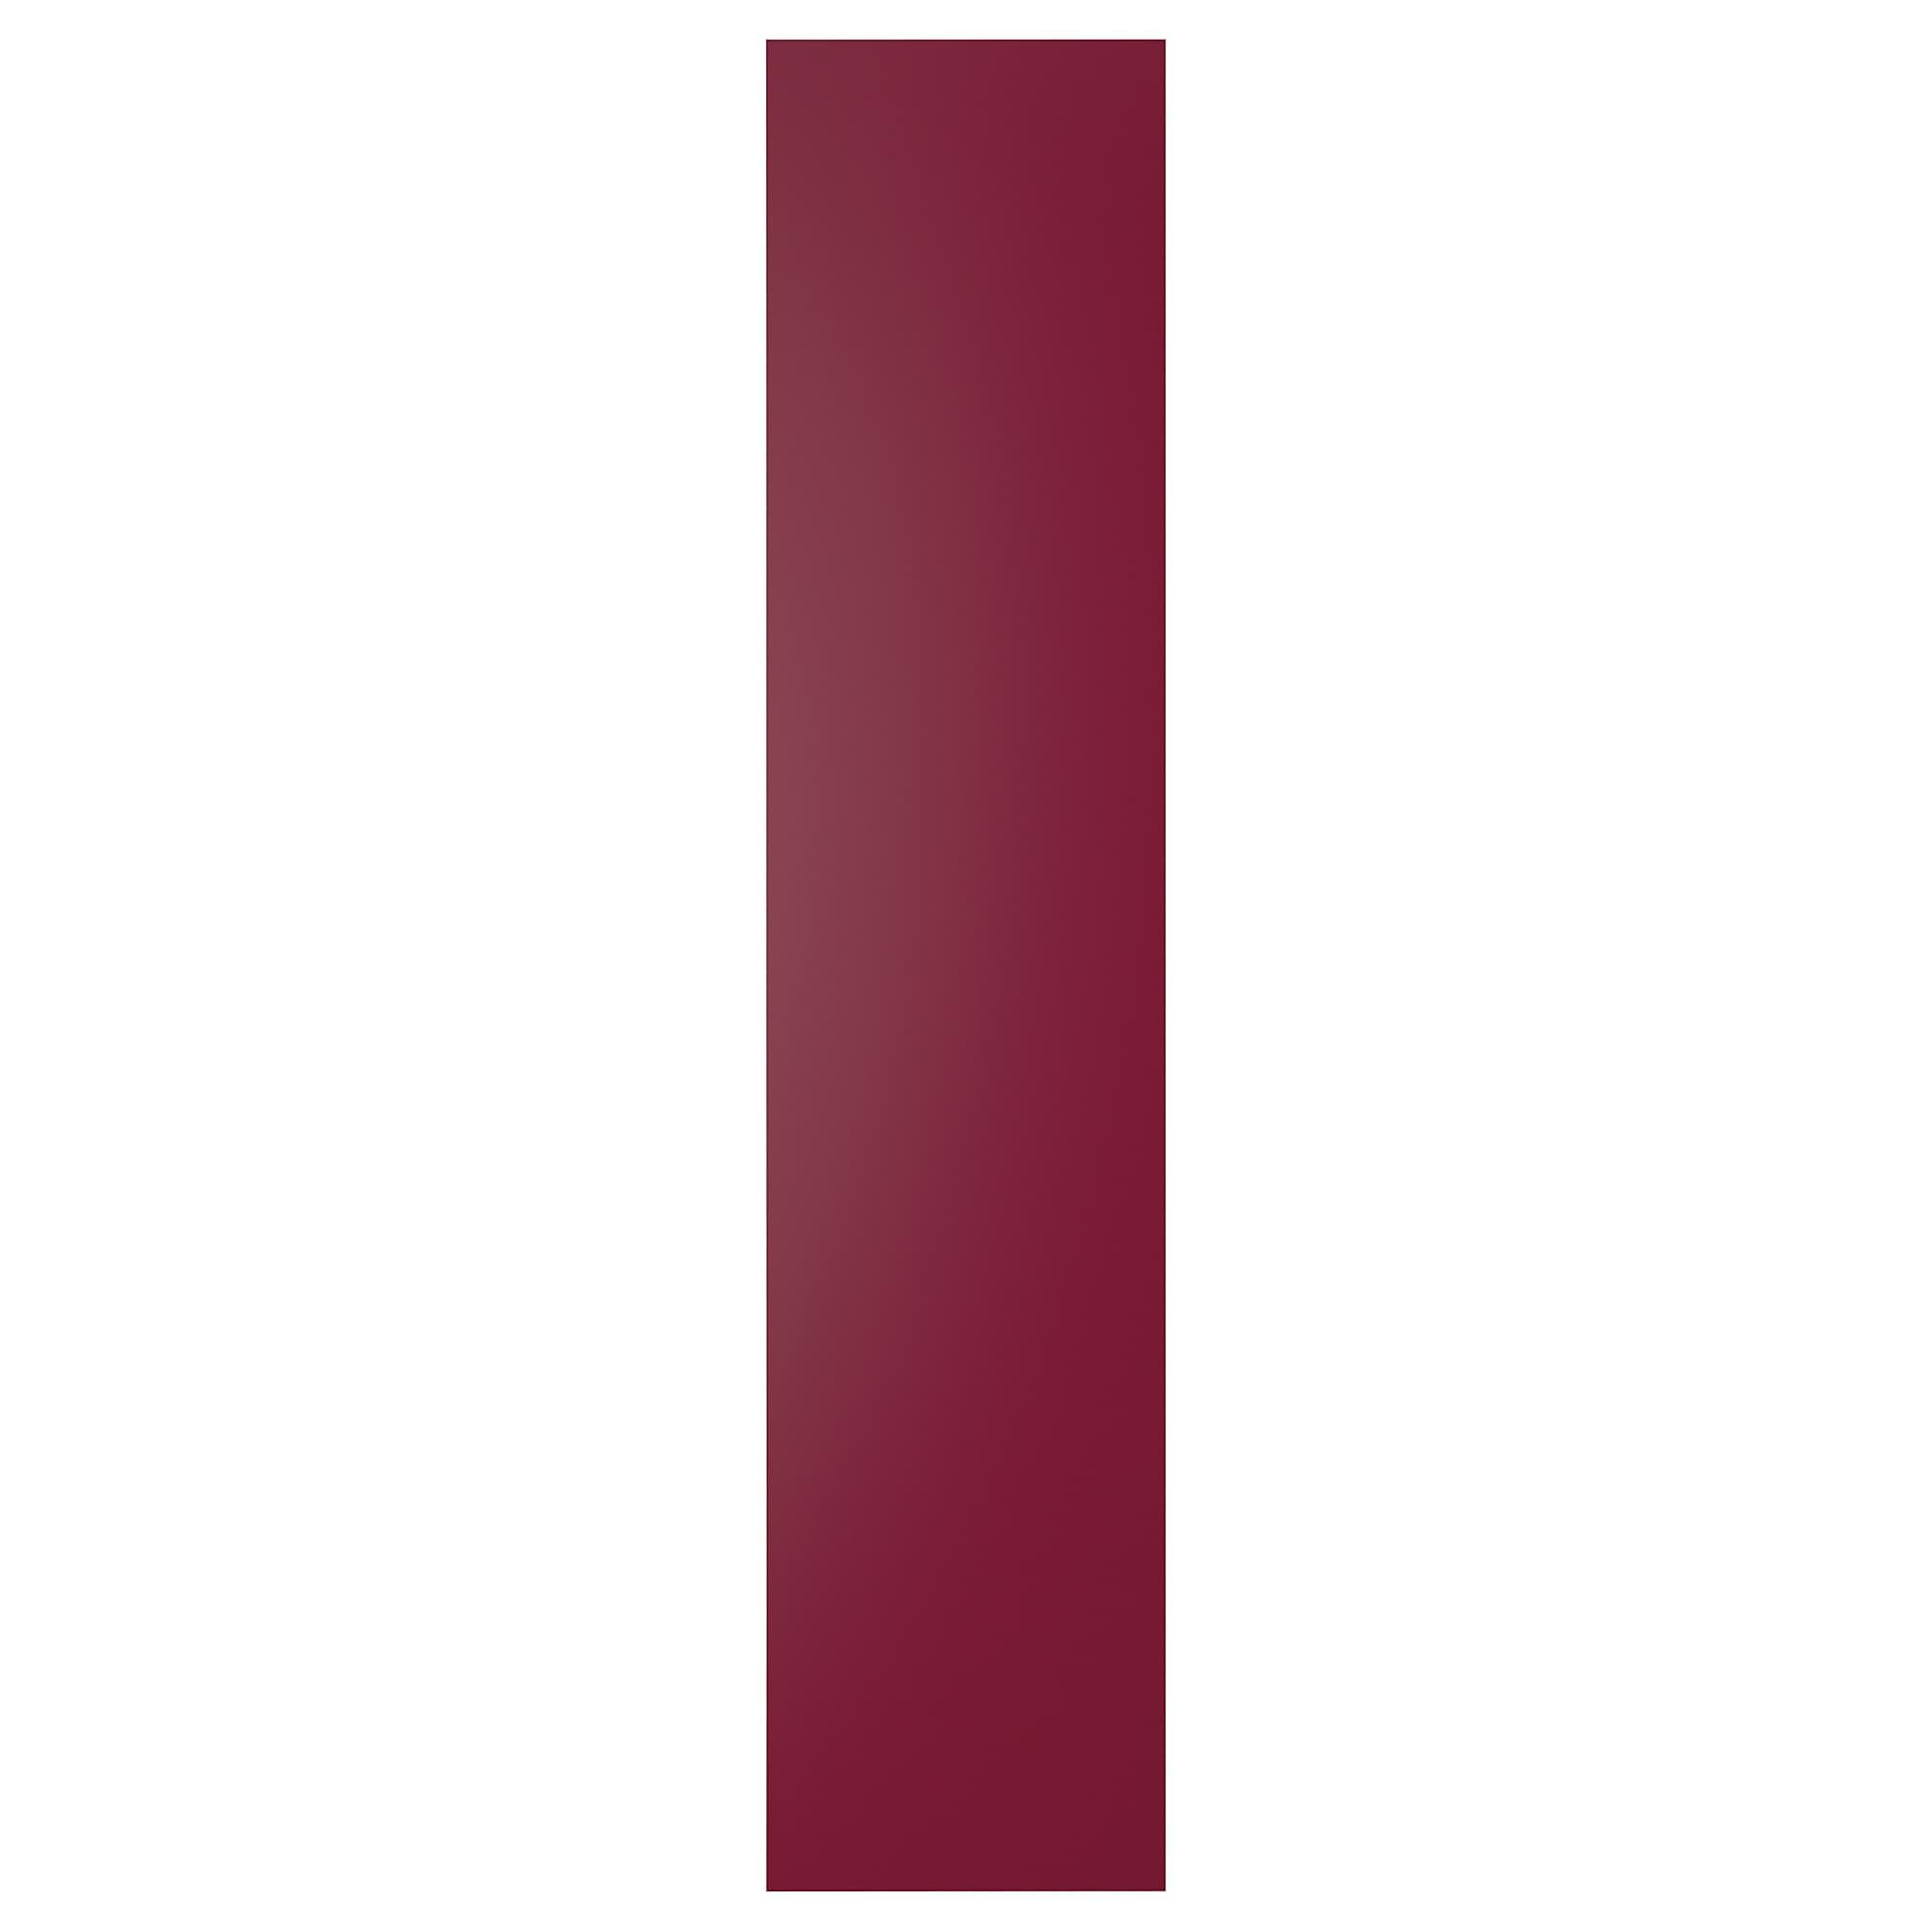 Дверь ФОРСАНД темно-красный артикуль № 304.081.49 в наличии. Online каталог IKEA Беларусь. Недорогая доставка и монтаж.